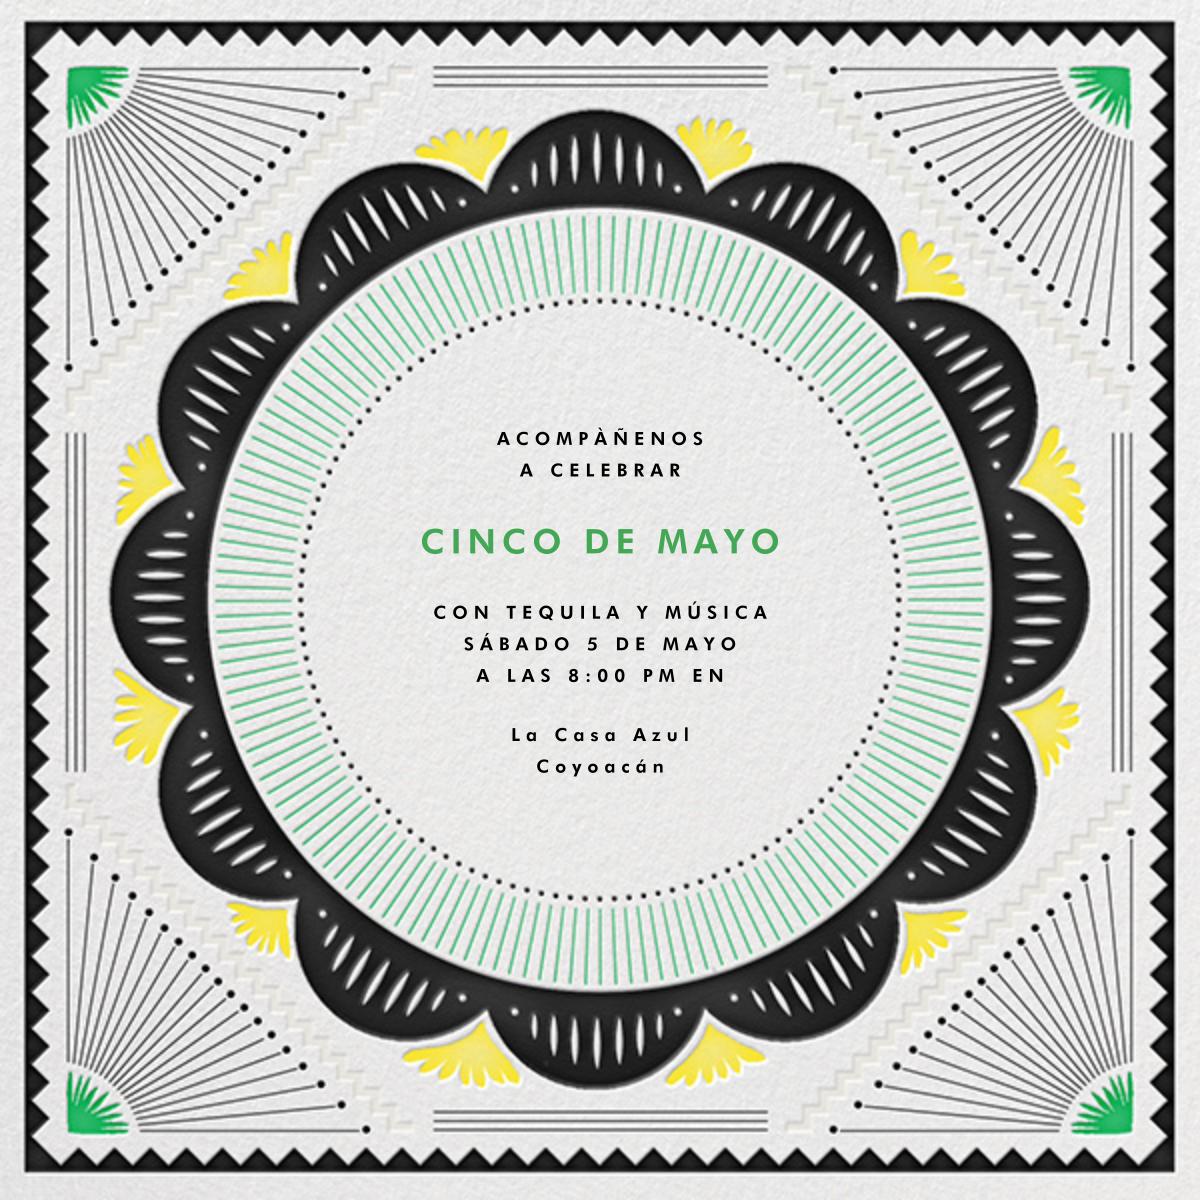 Santa Fe - Green/Yellow - The Indigo Bunting - Cinco de Mayo